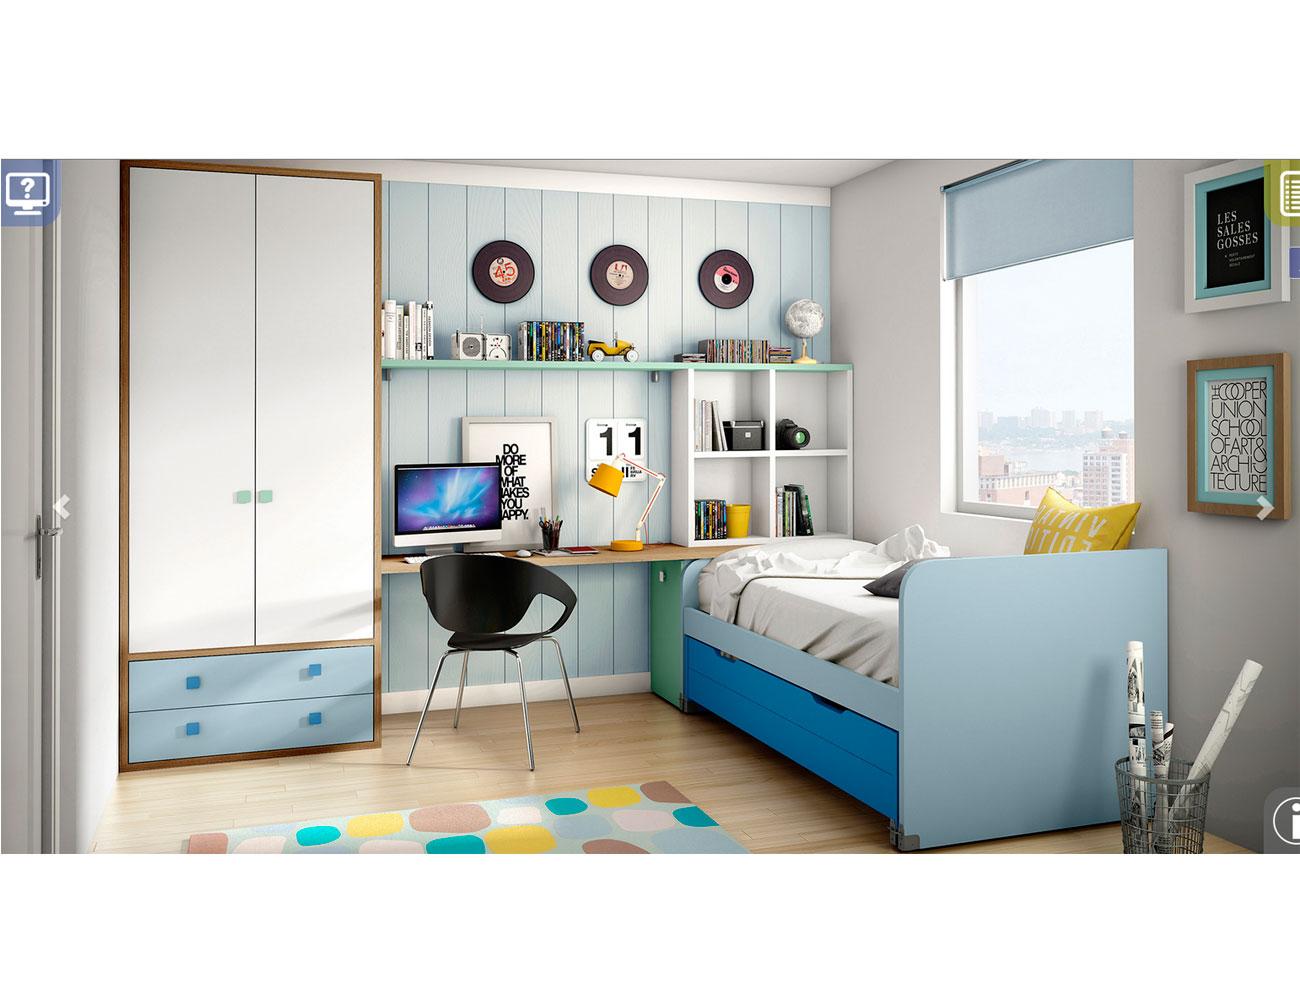 Ih083 dormitorio juvenil